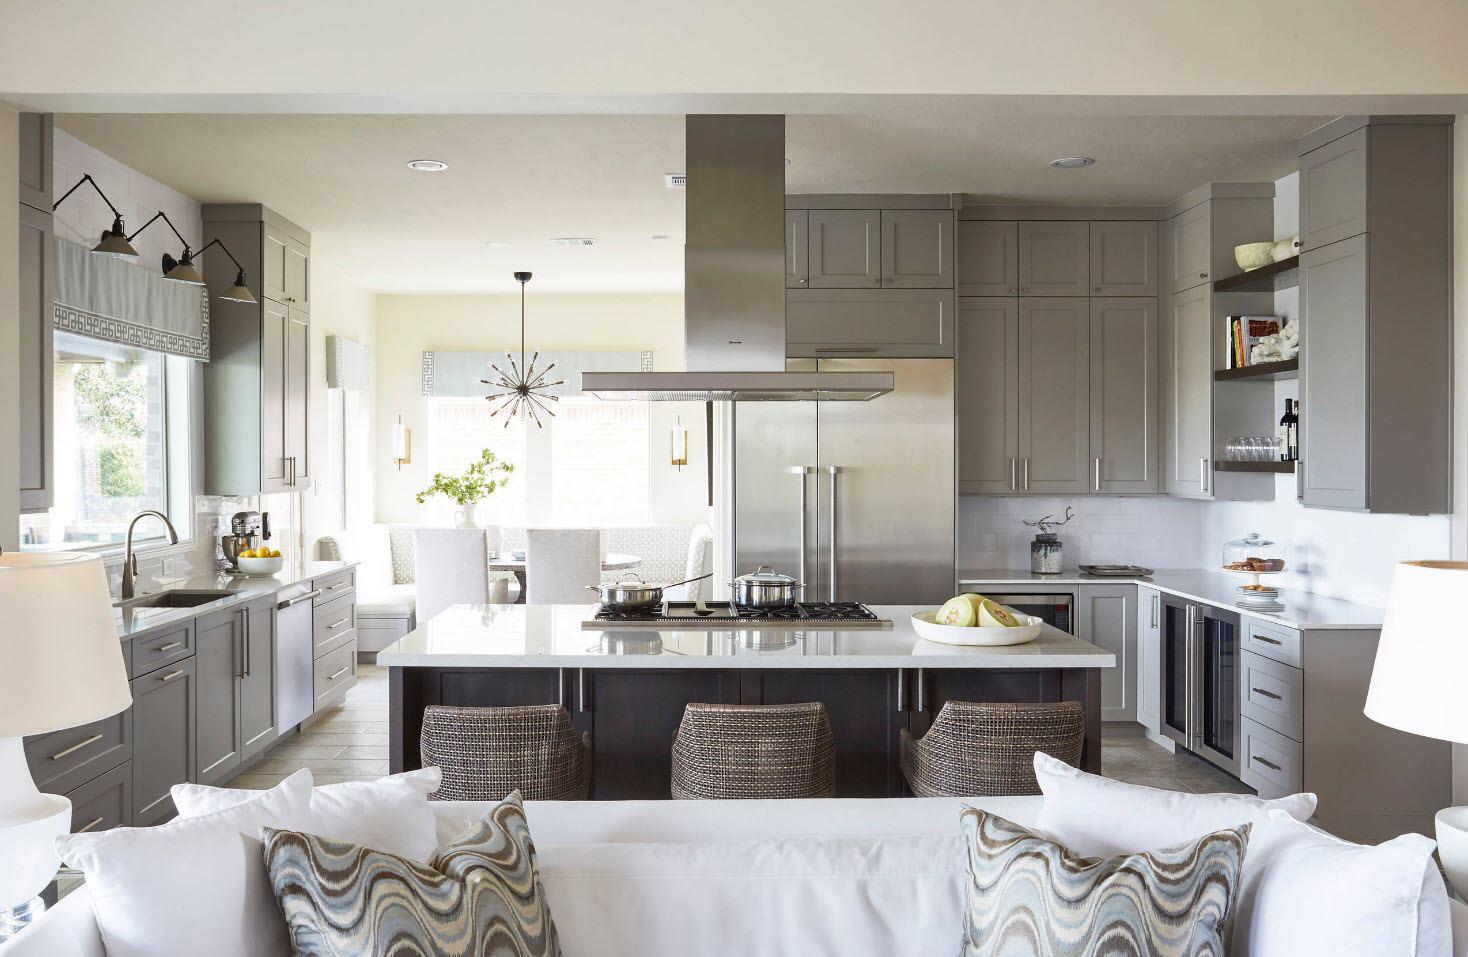 кухня студия 30 м кв дизайн фото в собственном доме 2